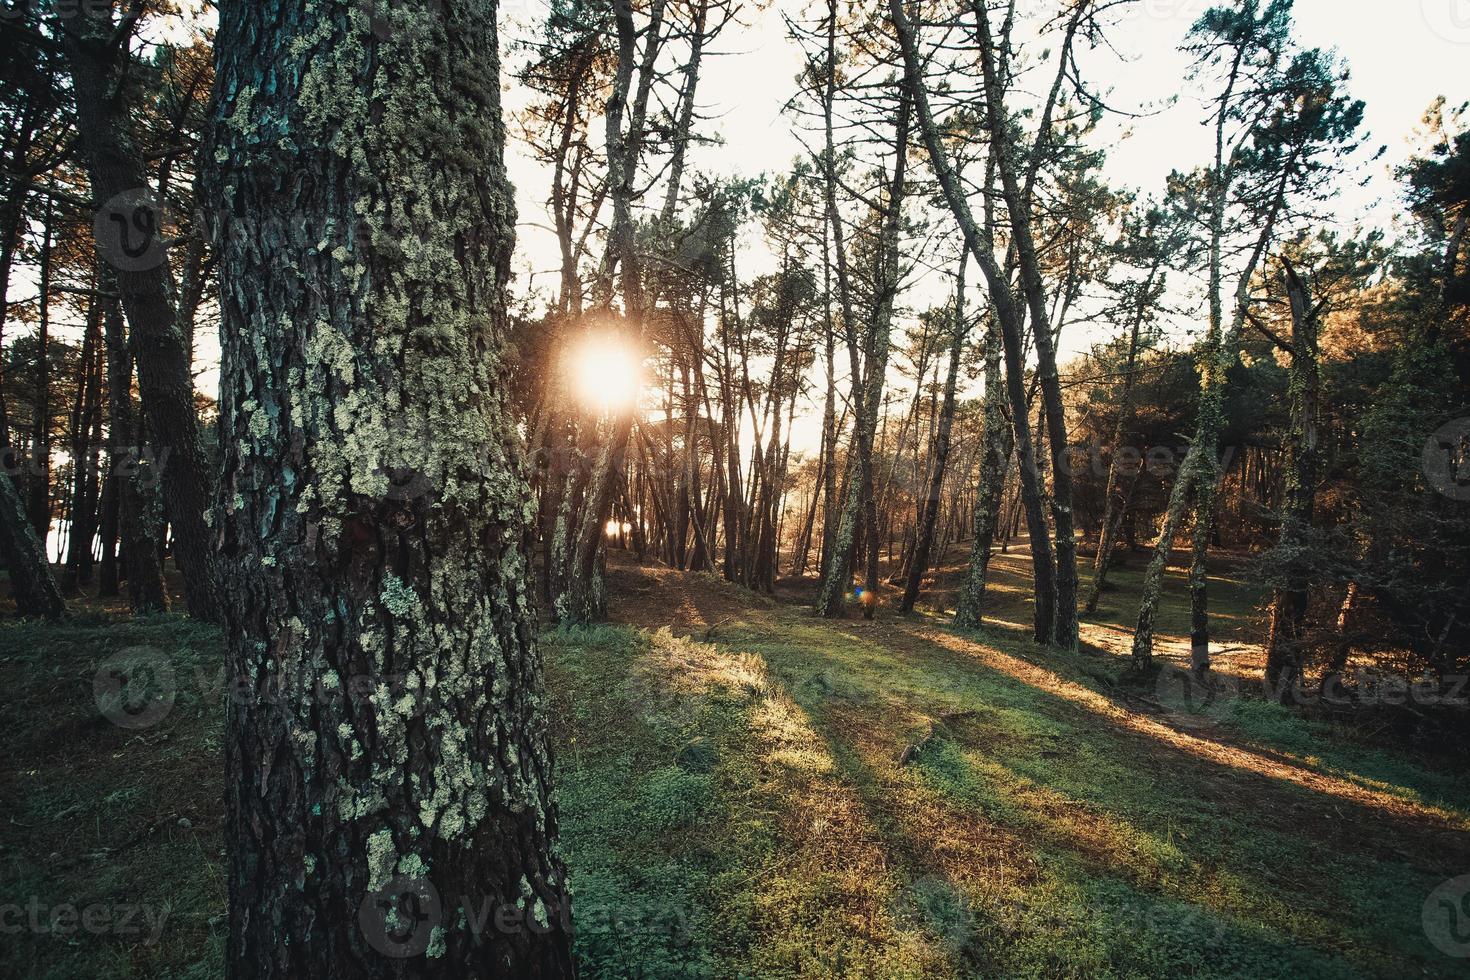 Wald während eines Sonnenuntergangs foto